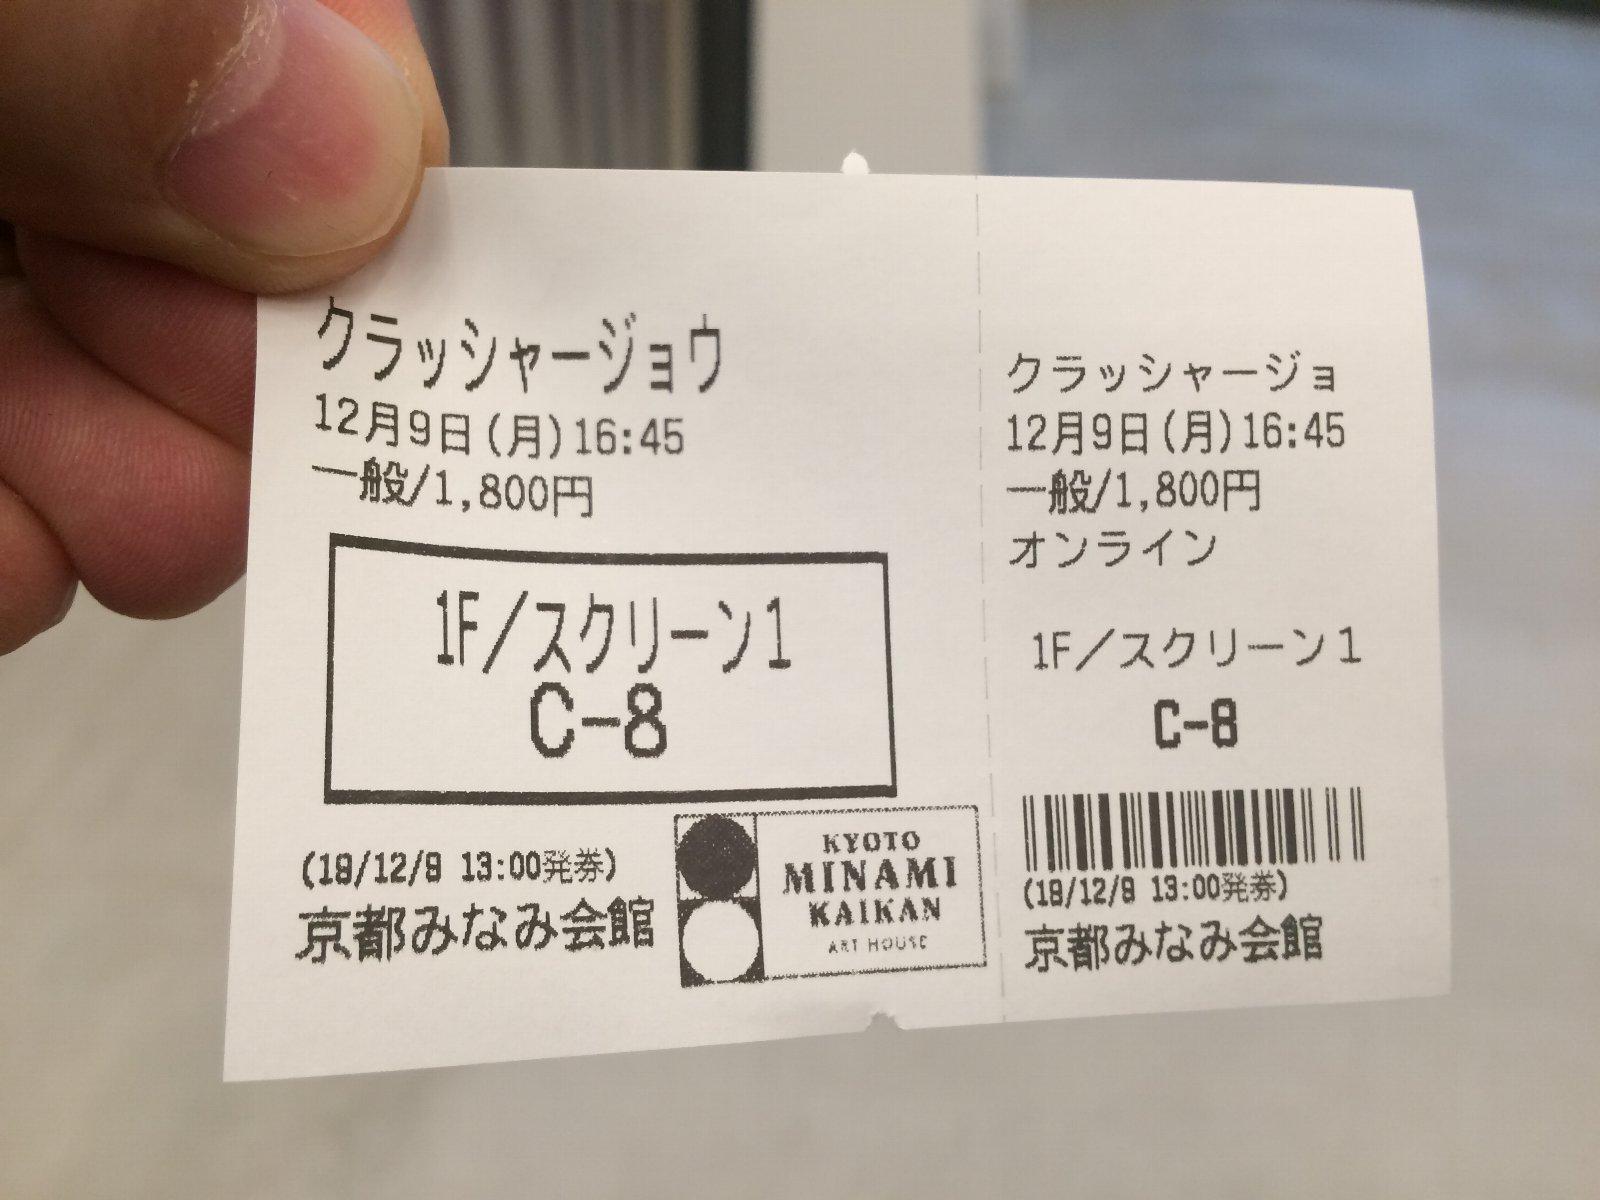 191209 『クラッシャージョウ』チケット